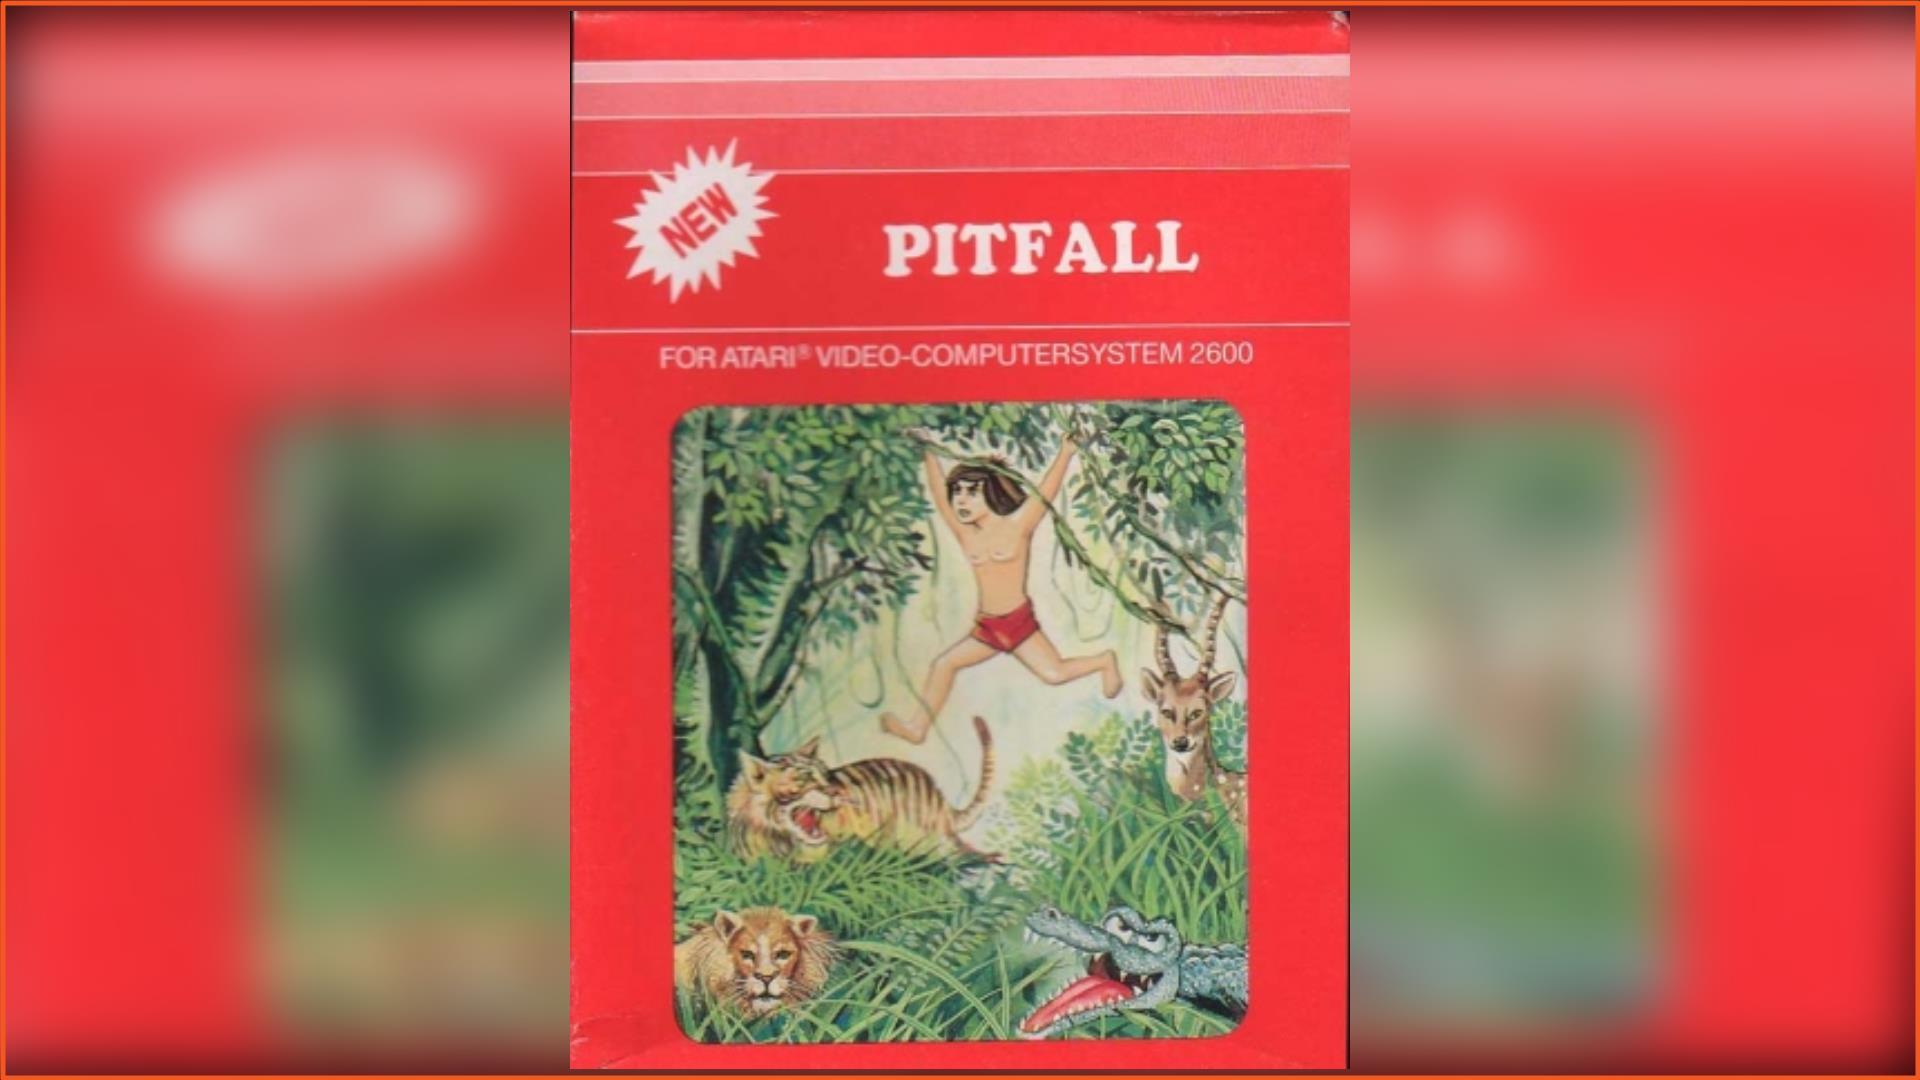 Pitfall Atari 2600 ROM Download